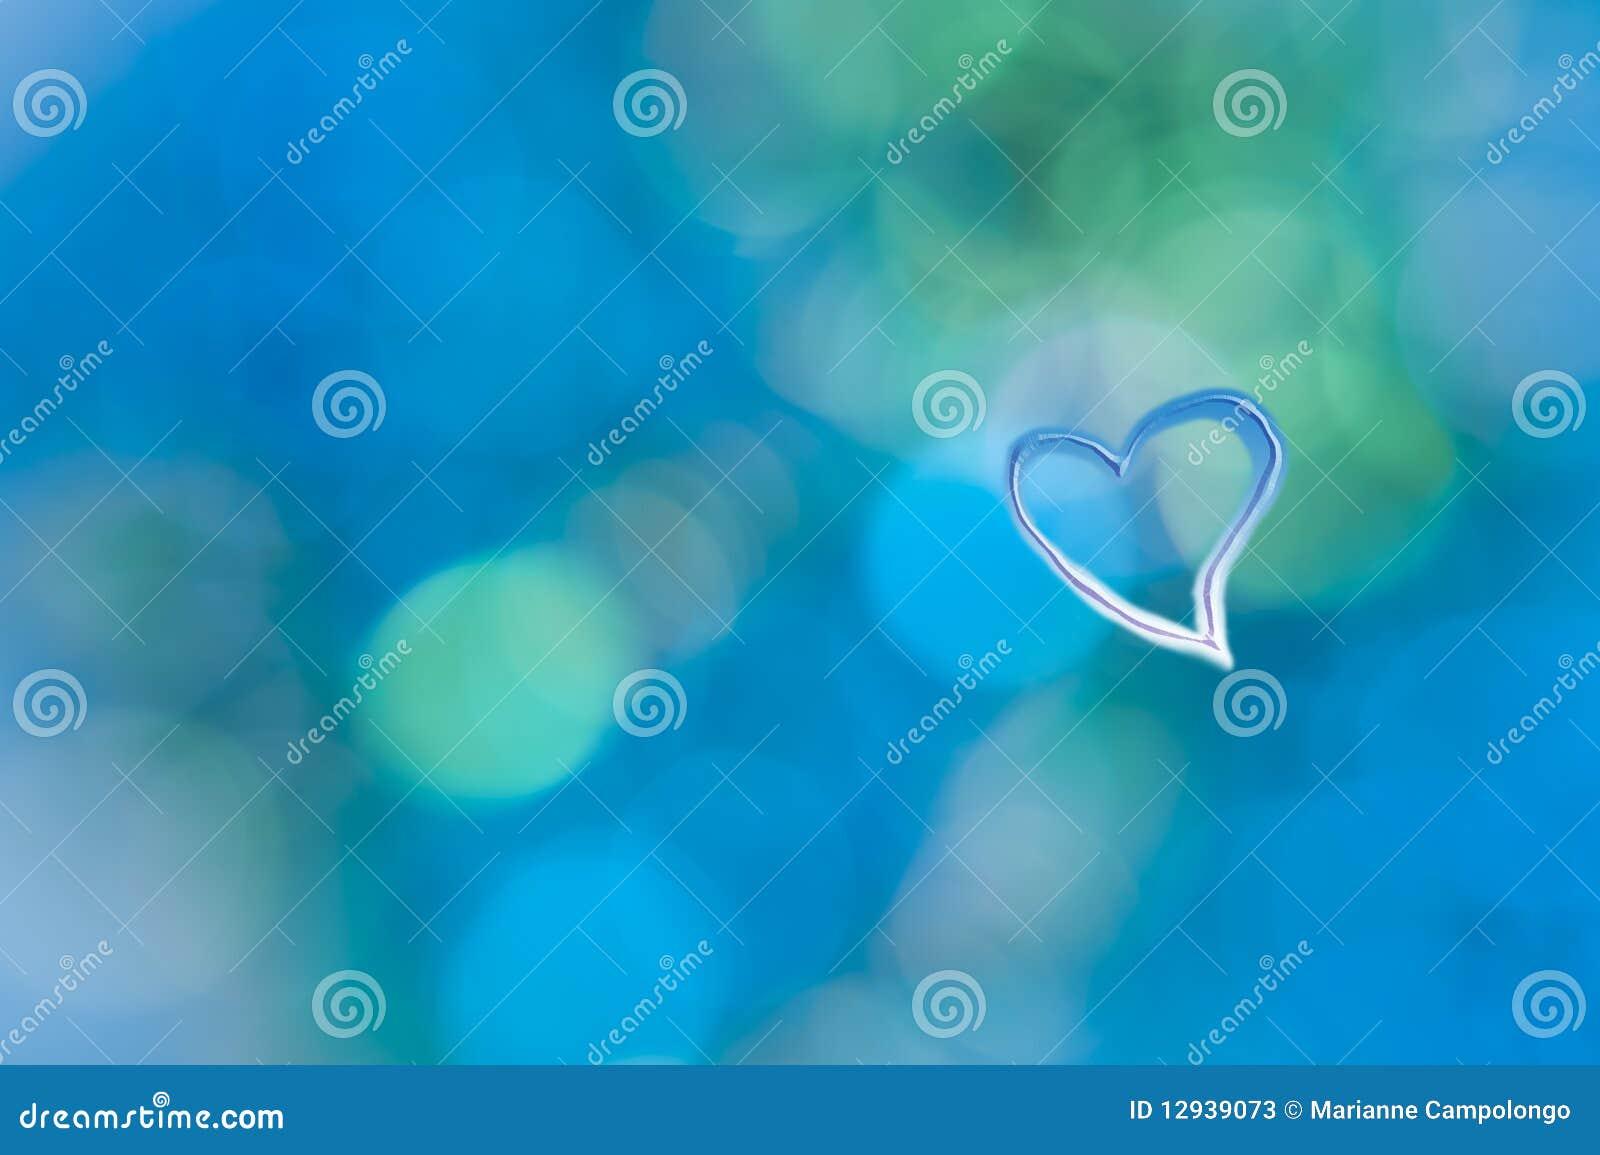 För grungehjärta för abstrakt bakgrund blå turkos